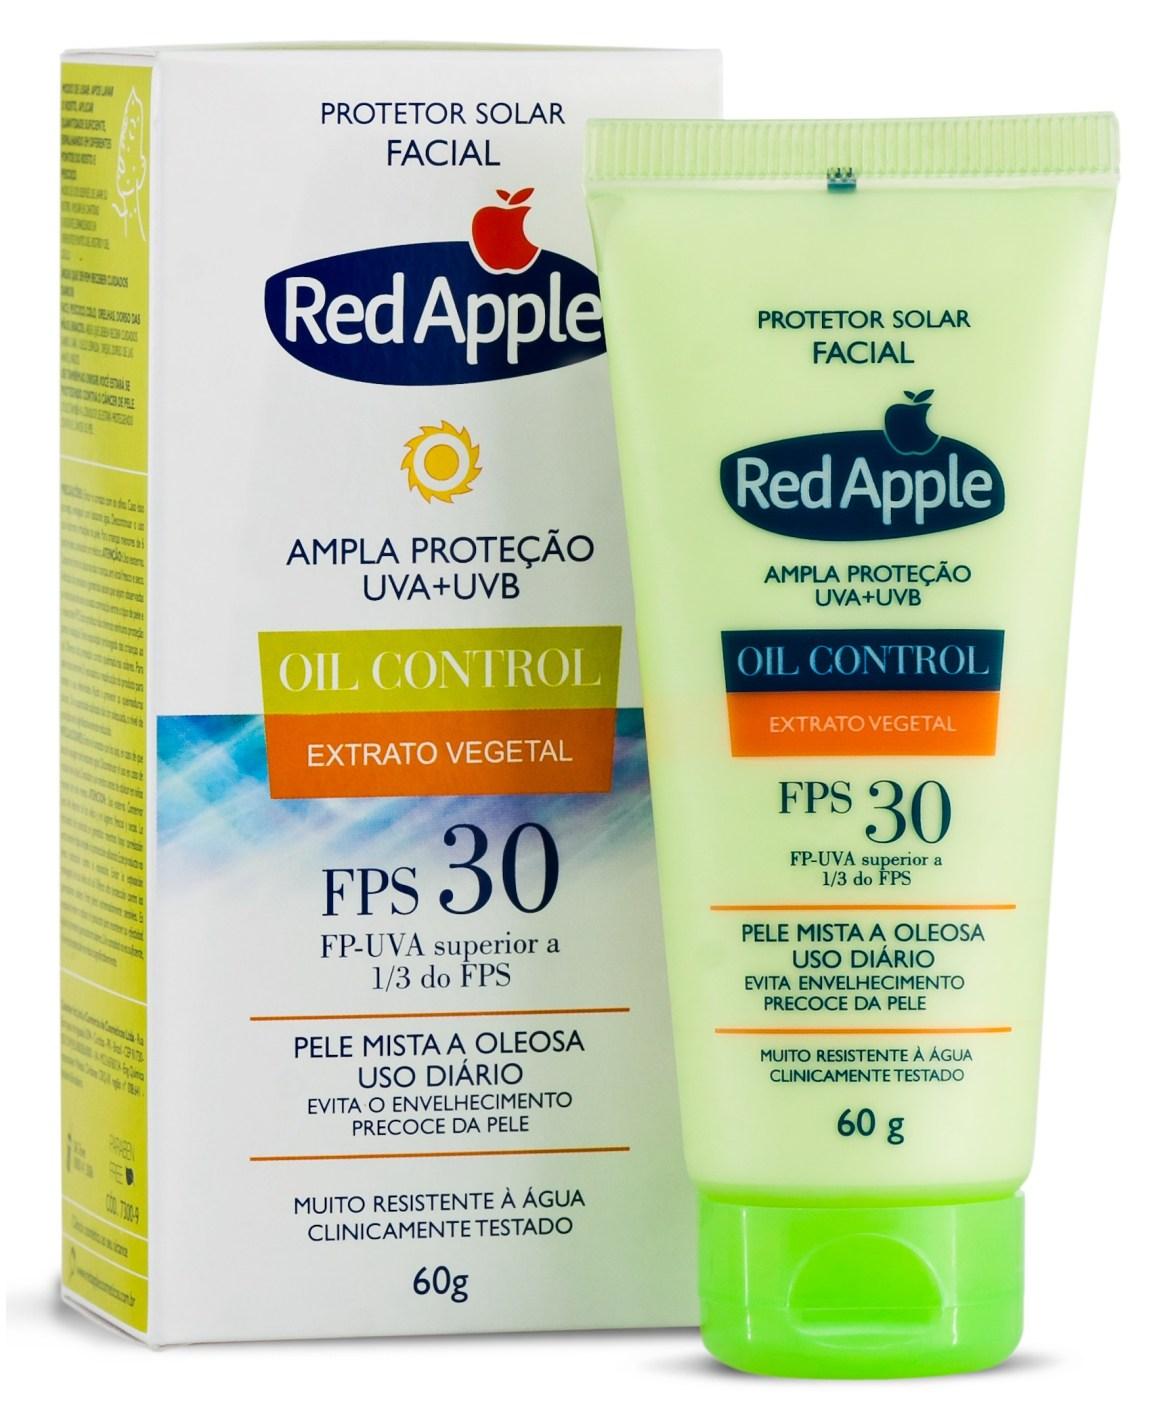 4 Protetores Solares Faciais Veganos da Red Apple